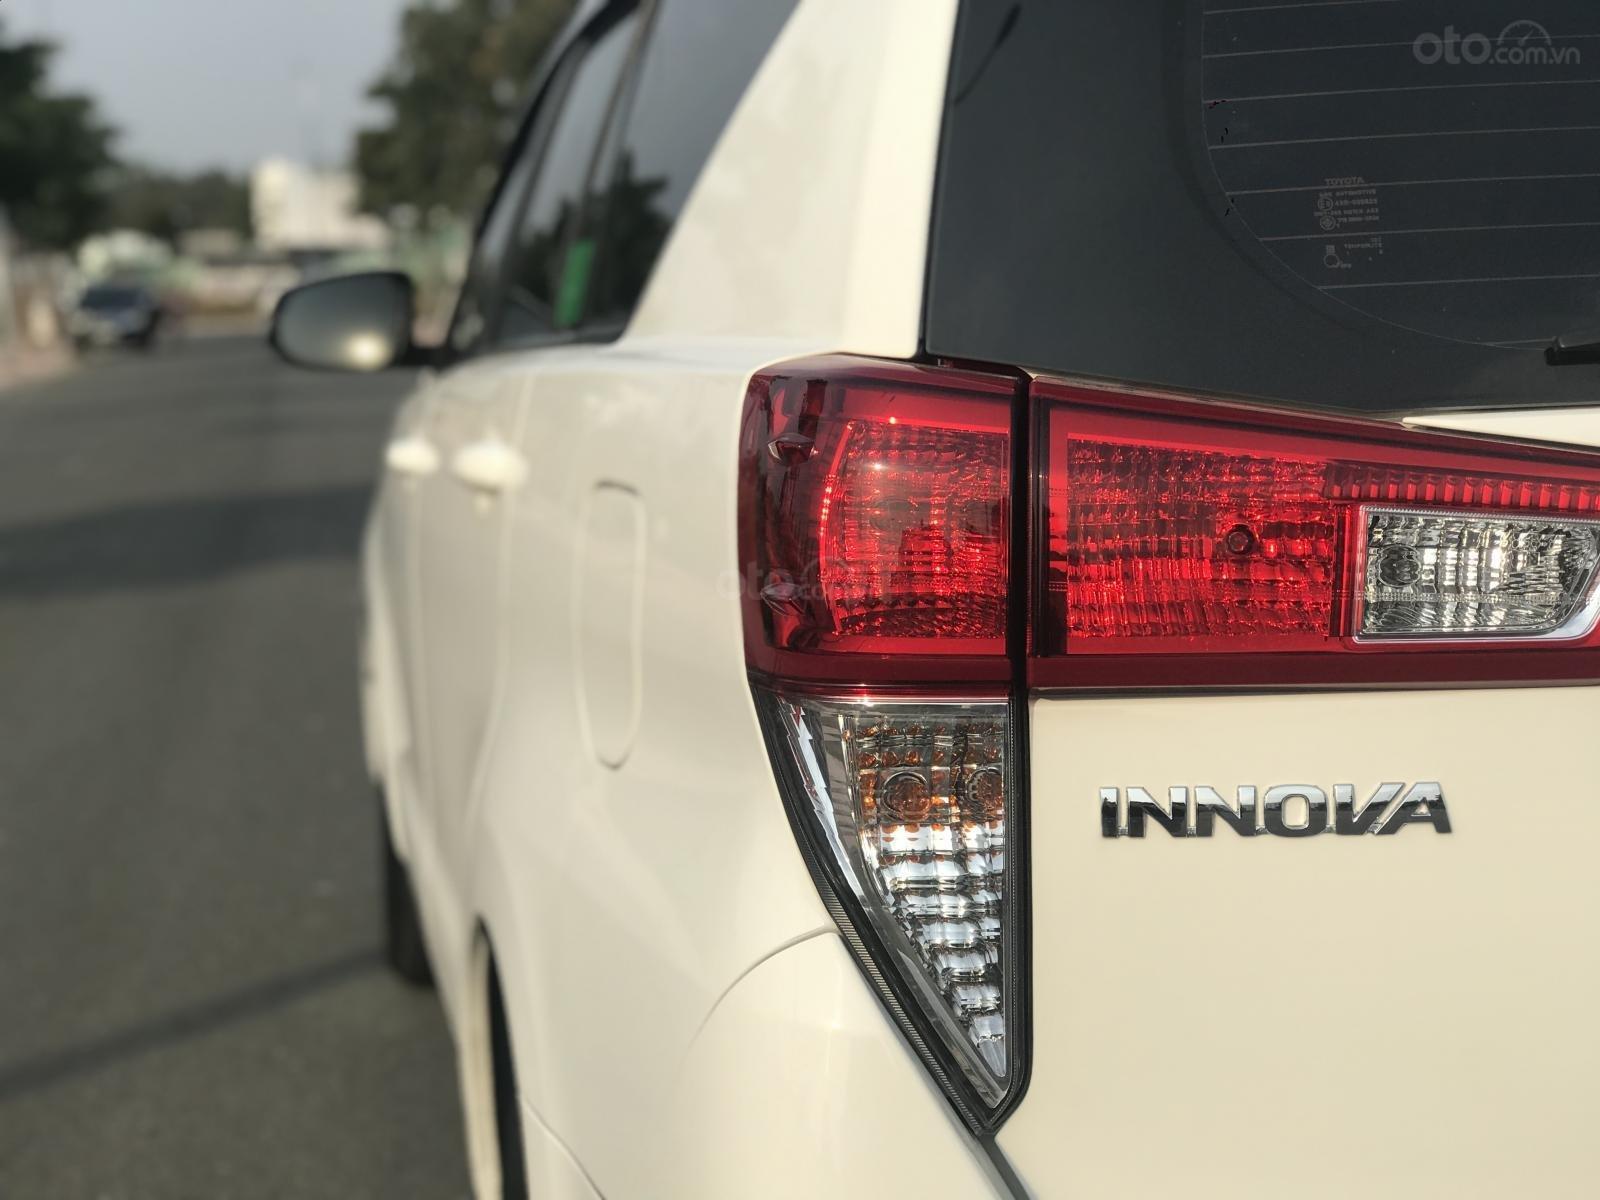 Cần bán Toyota Innova sản xuất năm 2019, màu trắng, số sàn (8)